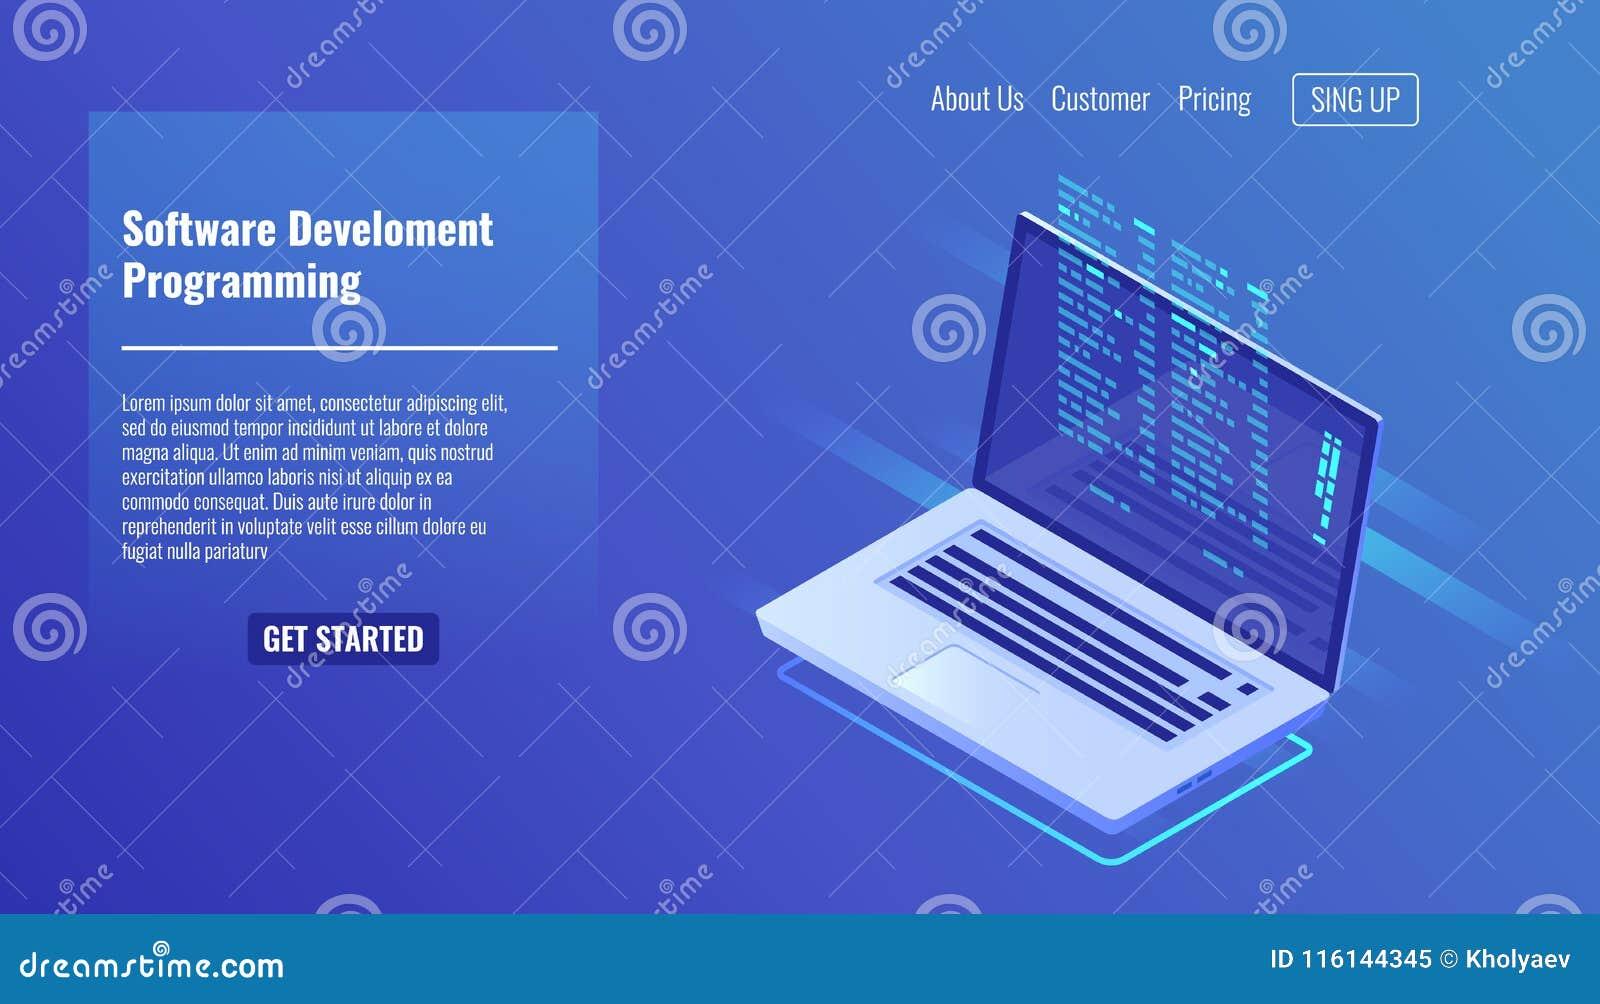 Softwareentwicklung und Programmierung, Programmcode auf Laptopschirm, große Datenverarbeitung, rechnendes isometrisches 3d